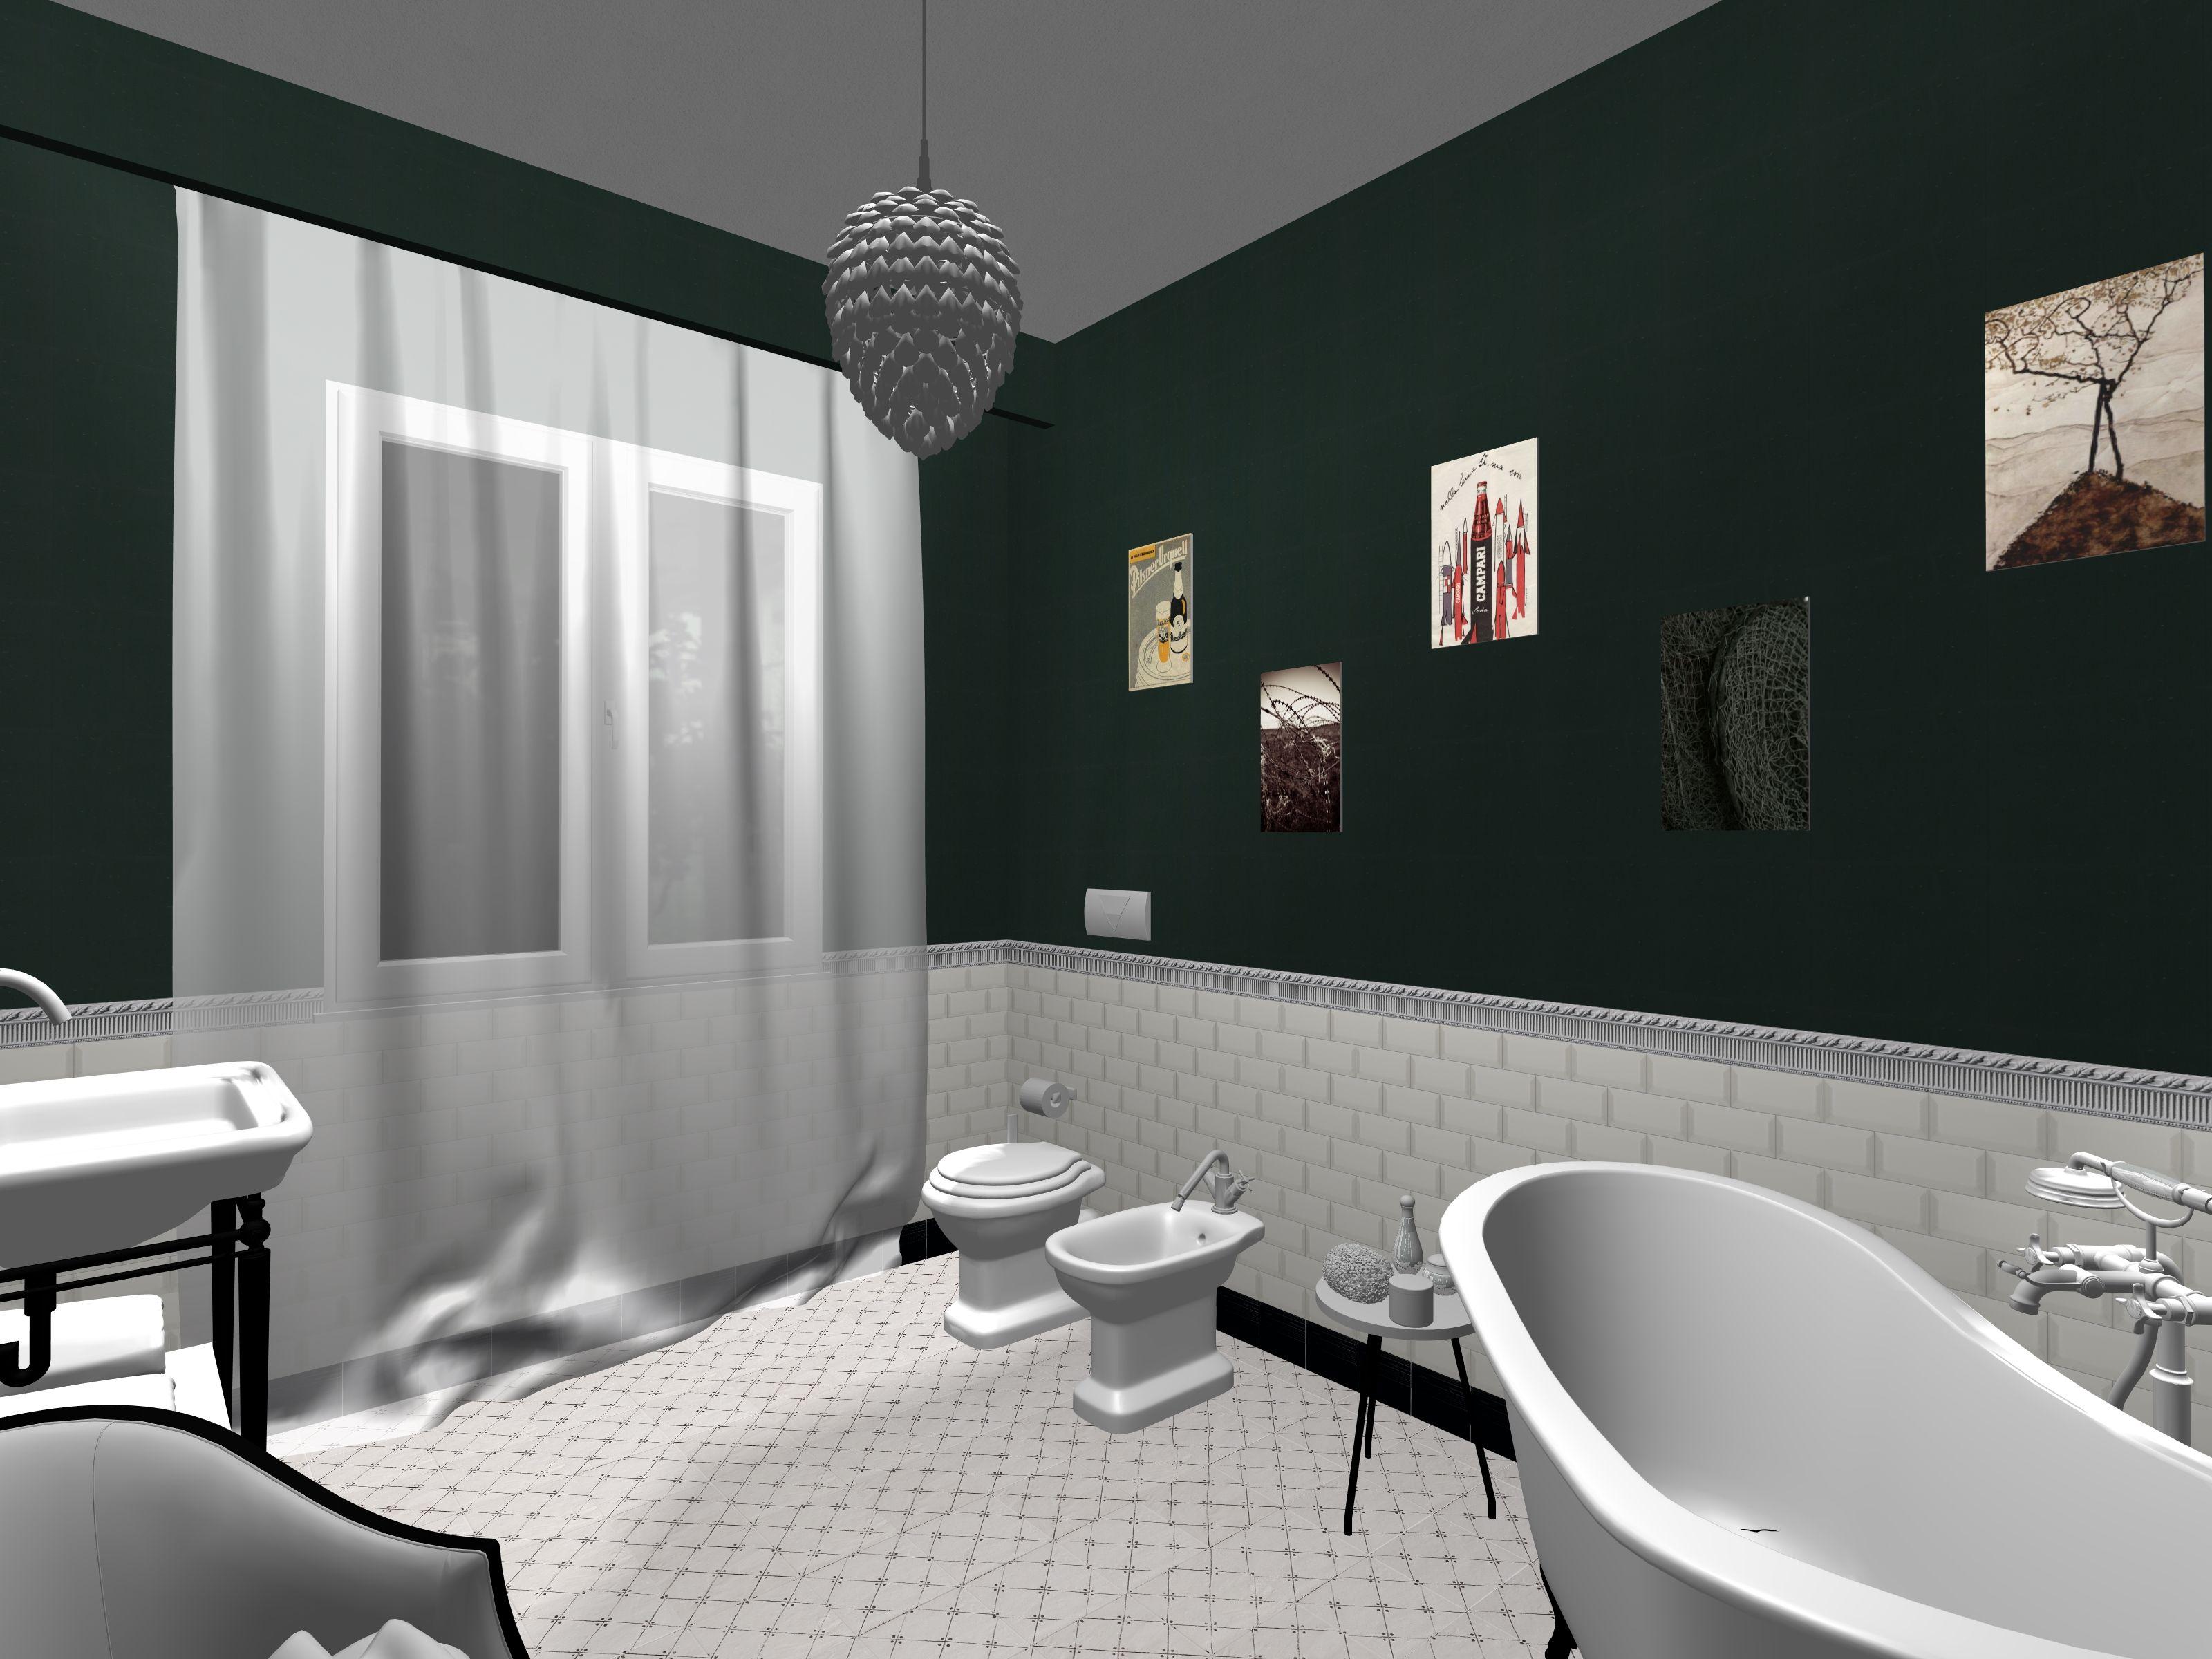 Bagno realizzato in stile retro chic piastrelle da for Piastrelle bagno bianche lucide